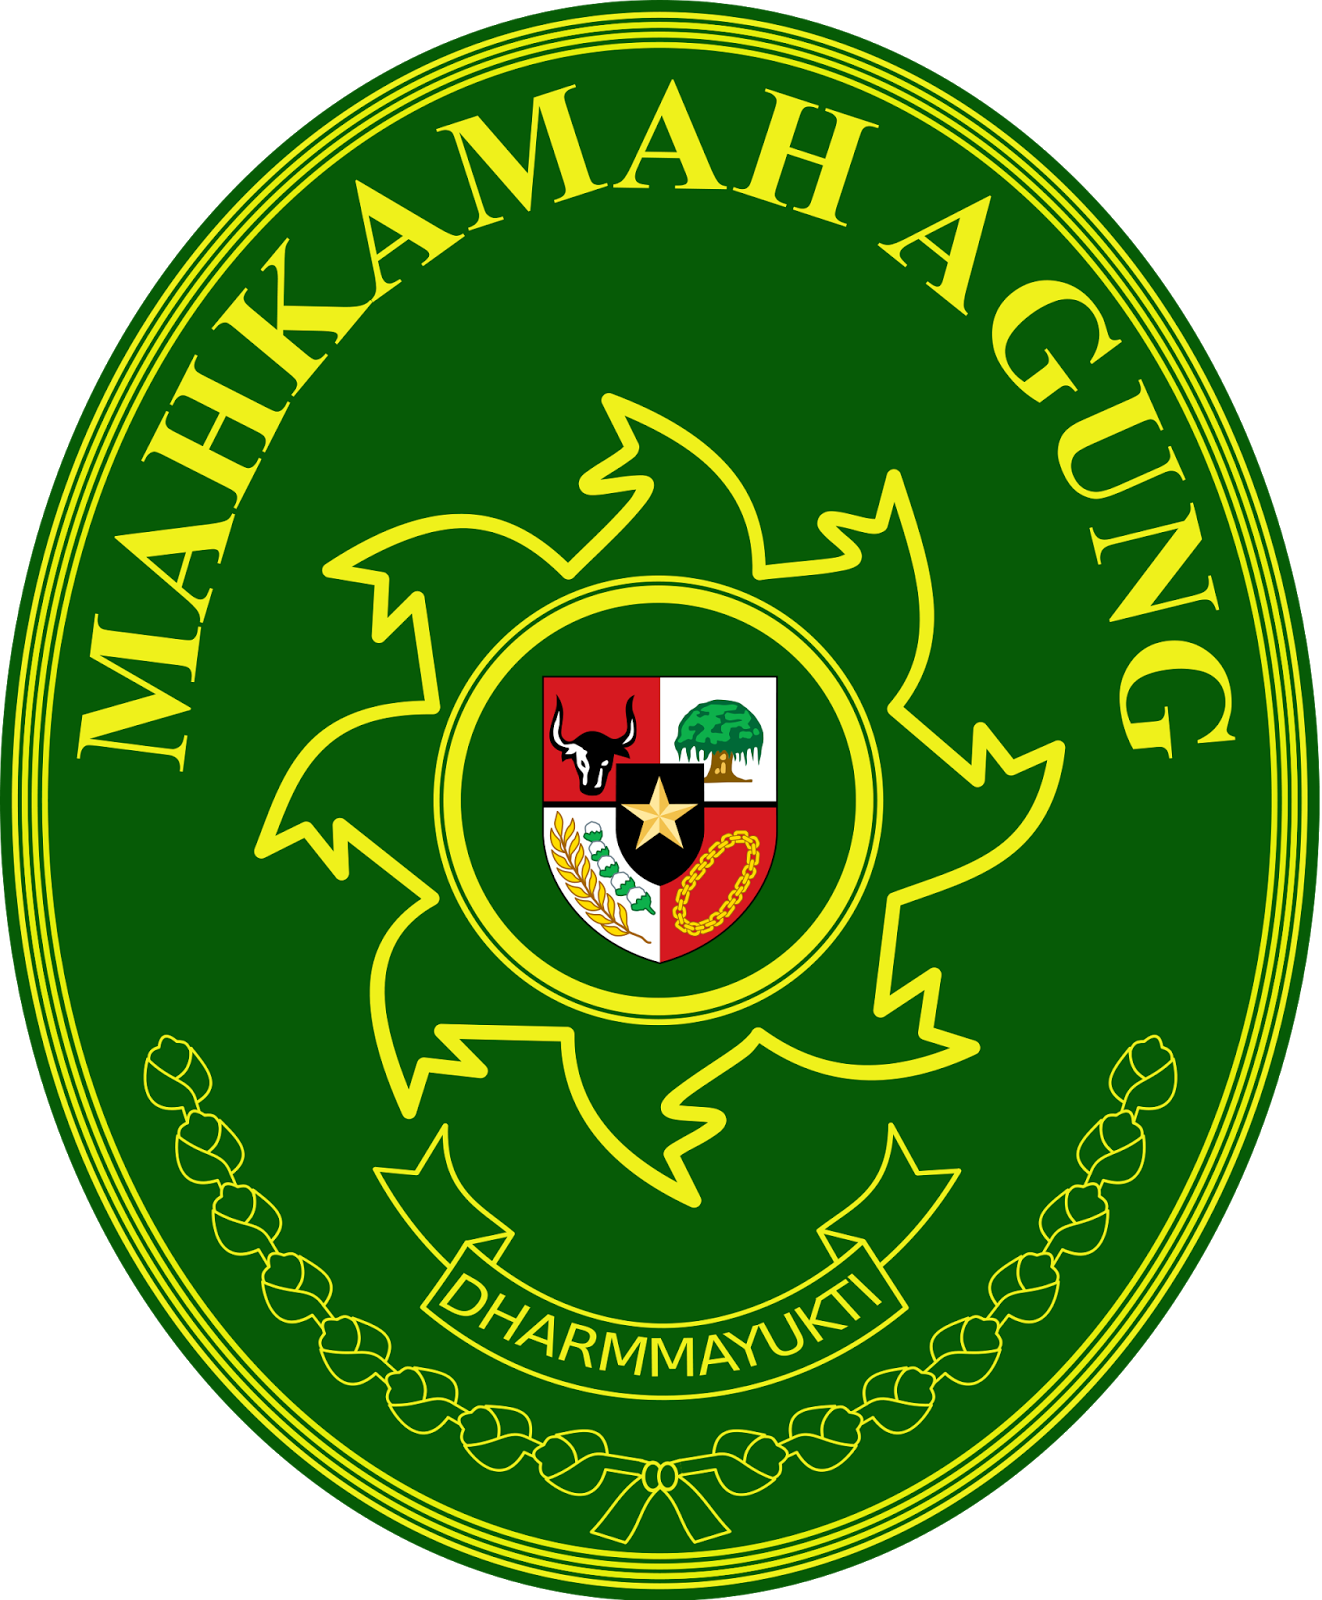 logo mahkamah agung